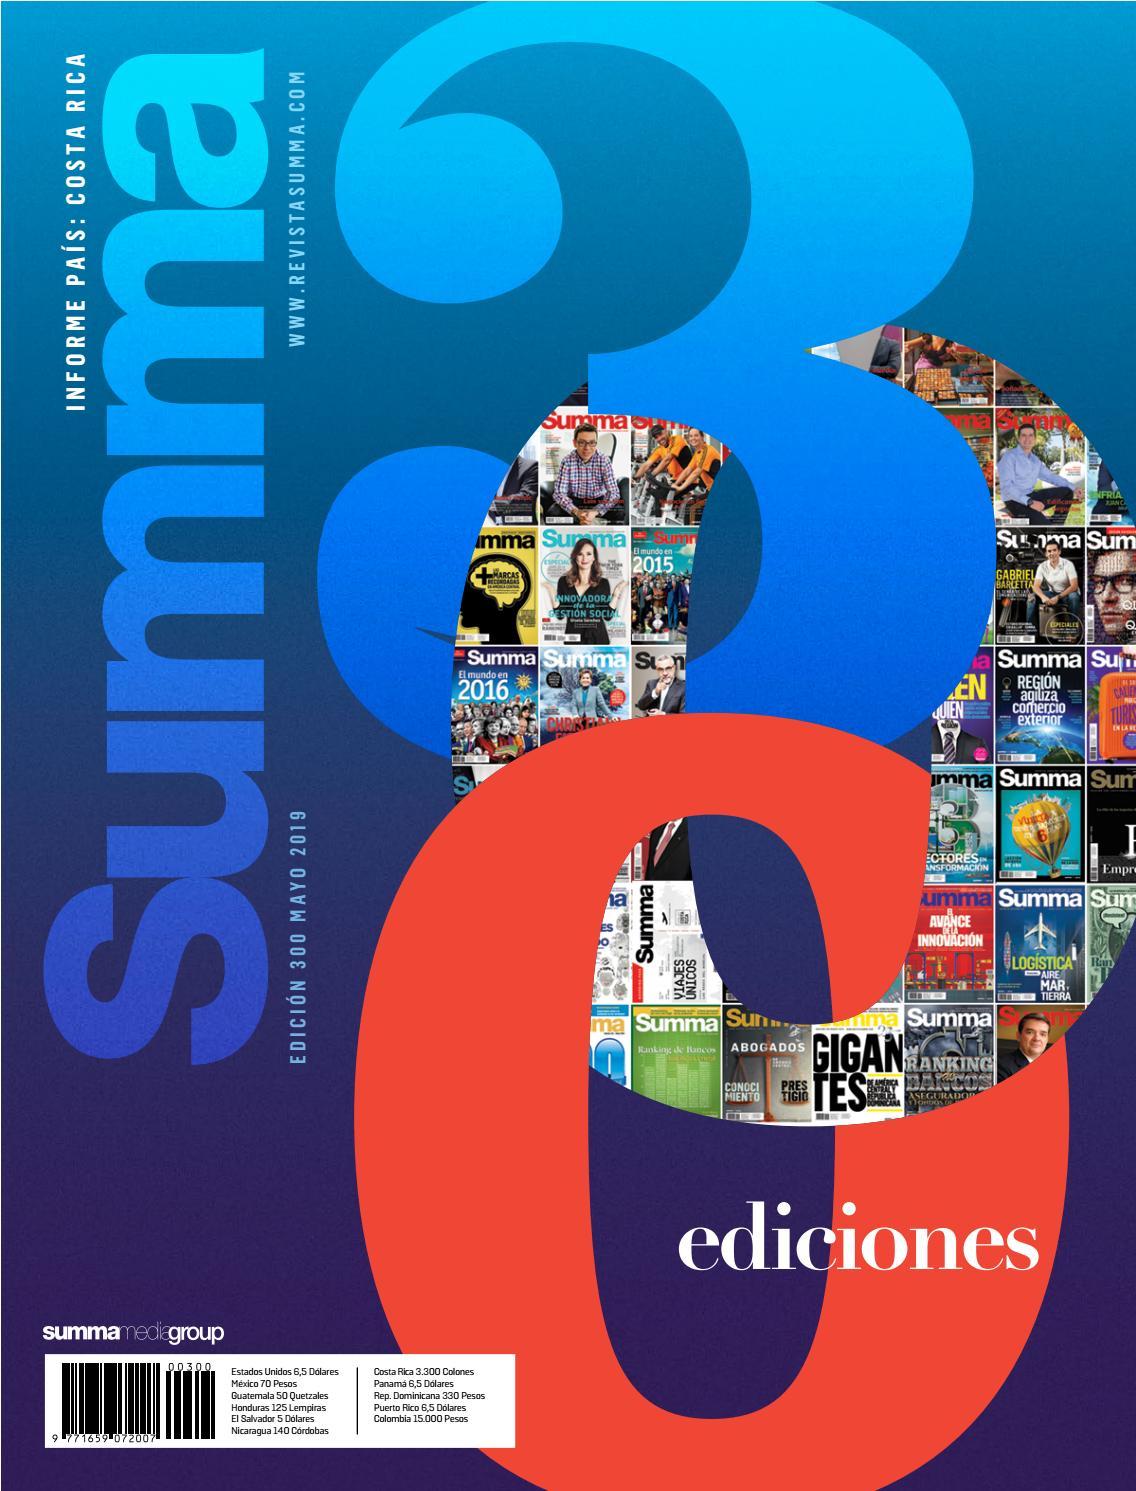 dd4952541d Revista Summa edición 300 by Revista Summa - issuu